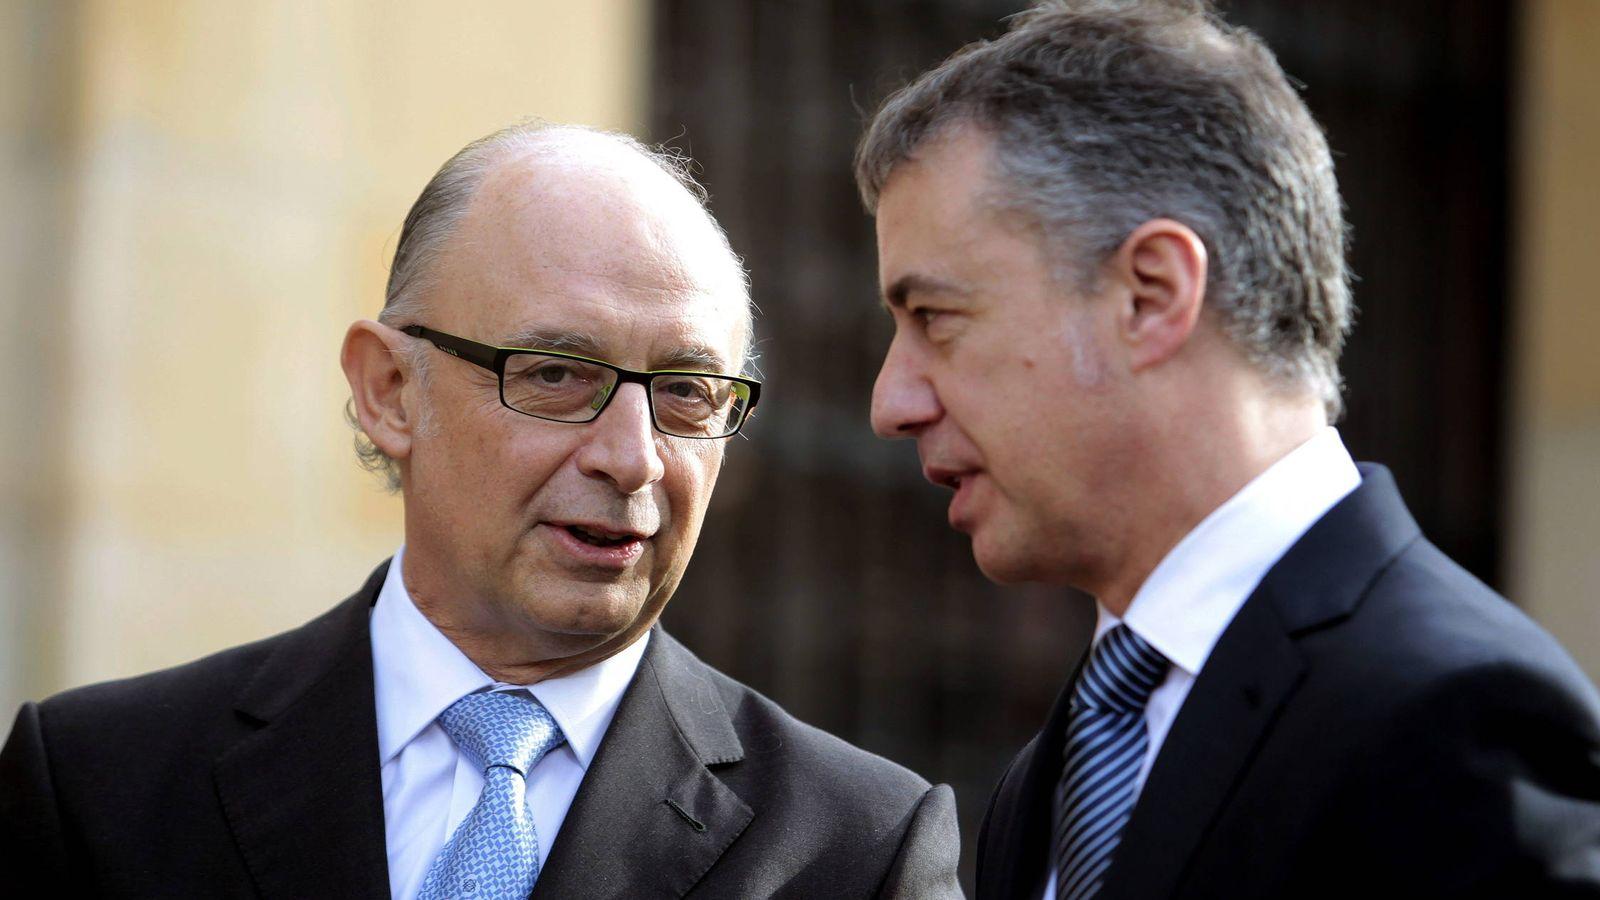 Foto: El lendakari, Iñigo Urkullu, conversa con el ministro de Hacienda, Cristóbal Montoro, en 2012. (EFE)